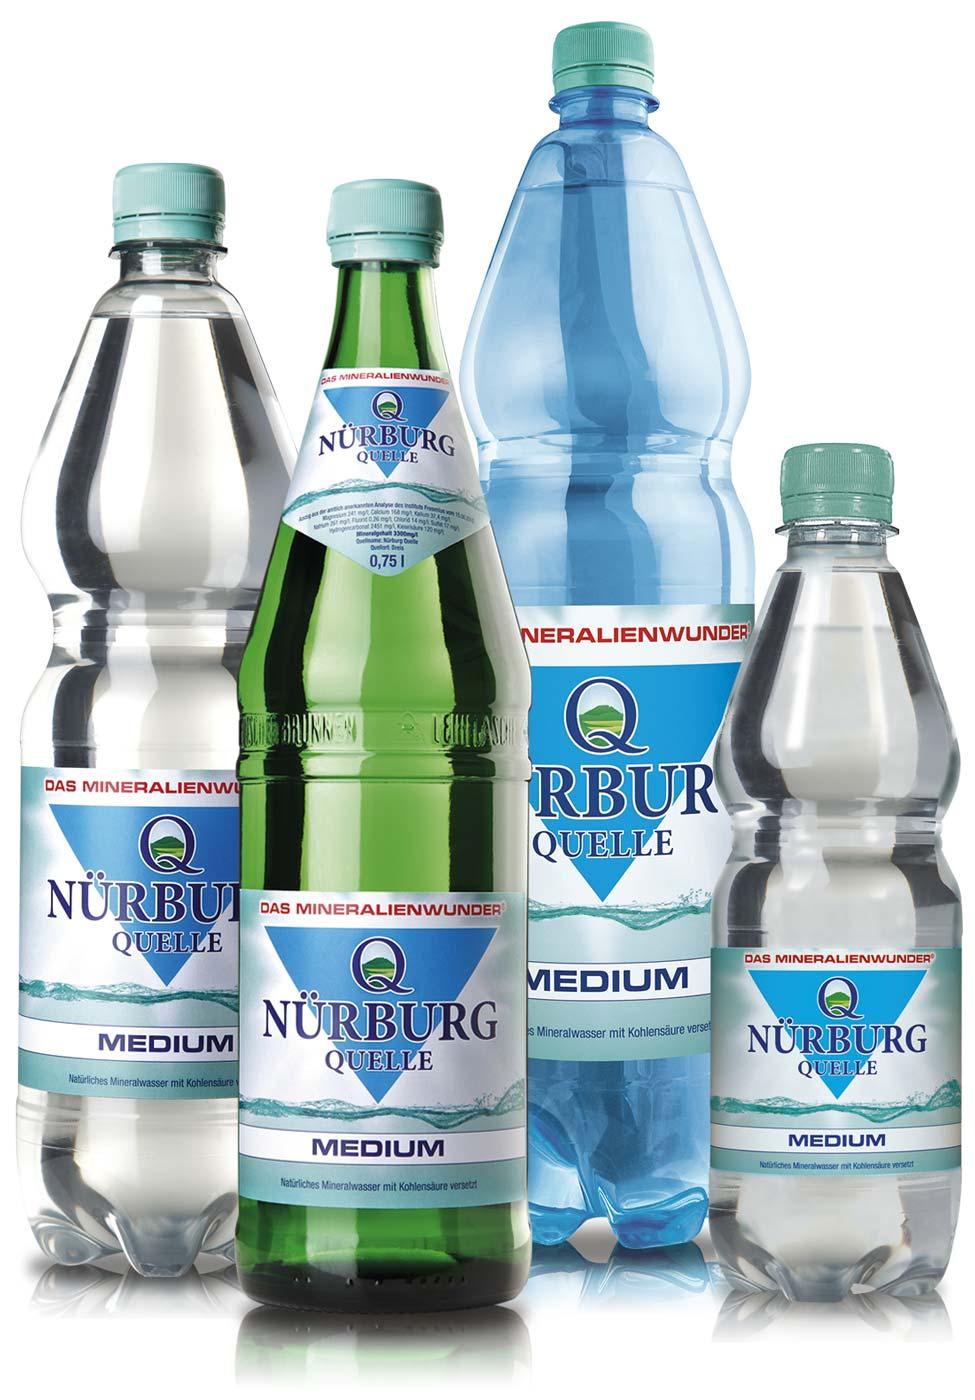 Nürburg Quelle Mineralwasser Medium - Das Mineralienwunder